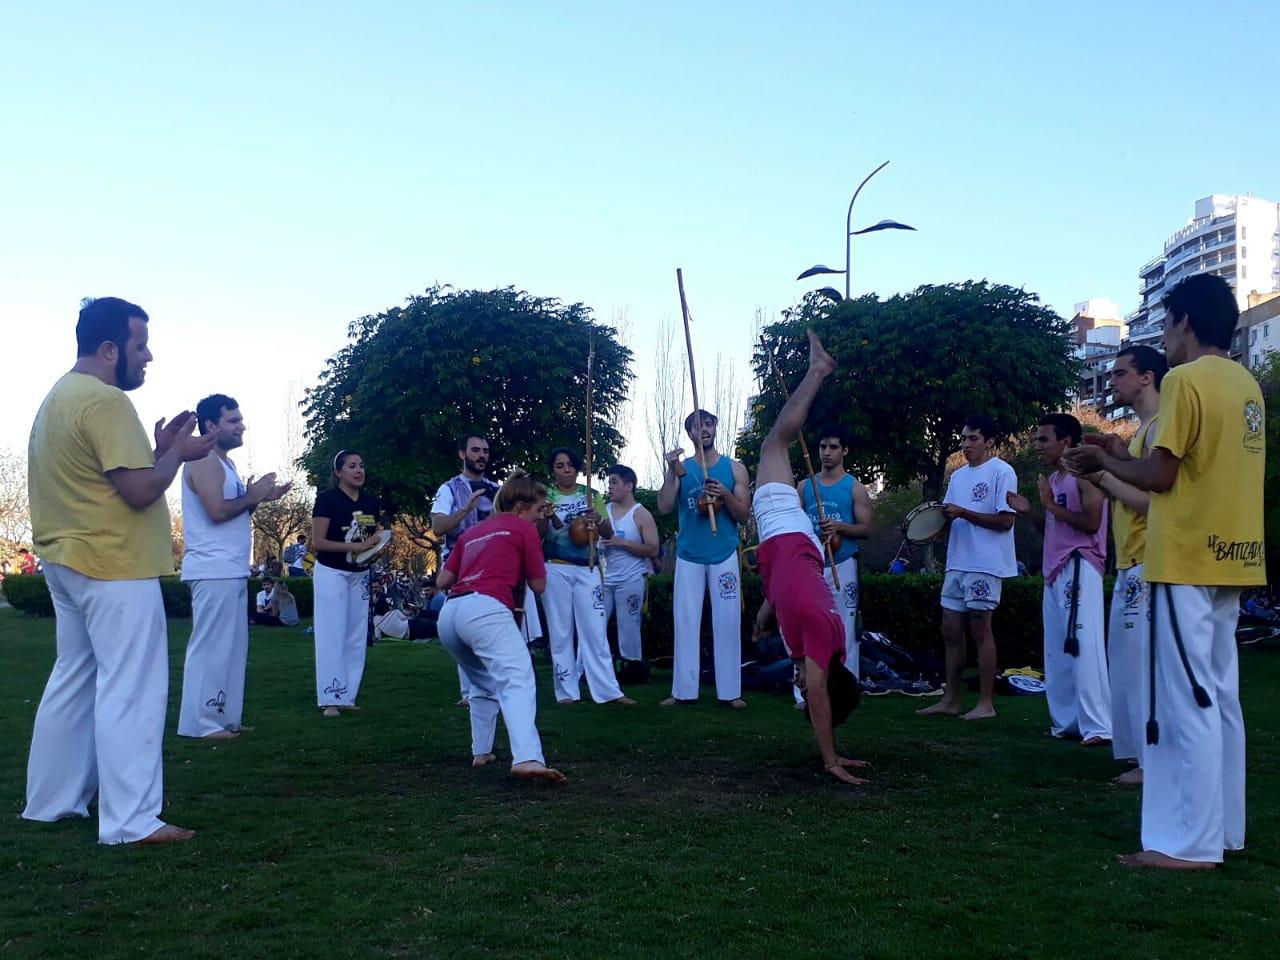 La comunicación en la Capoeira, un arte marcial muy latinoamericano